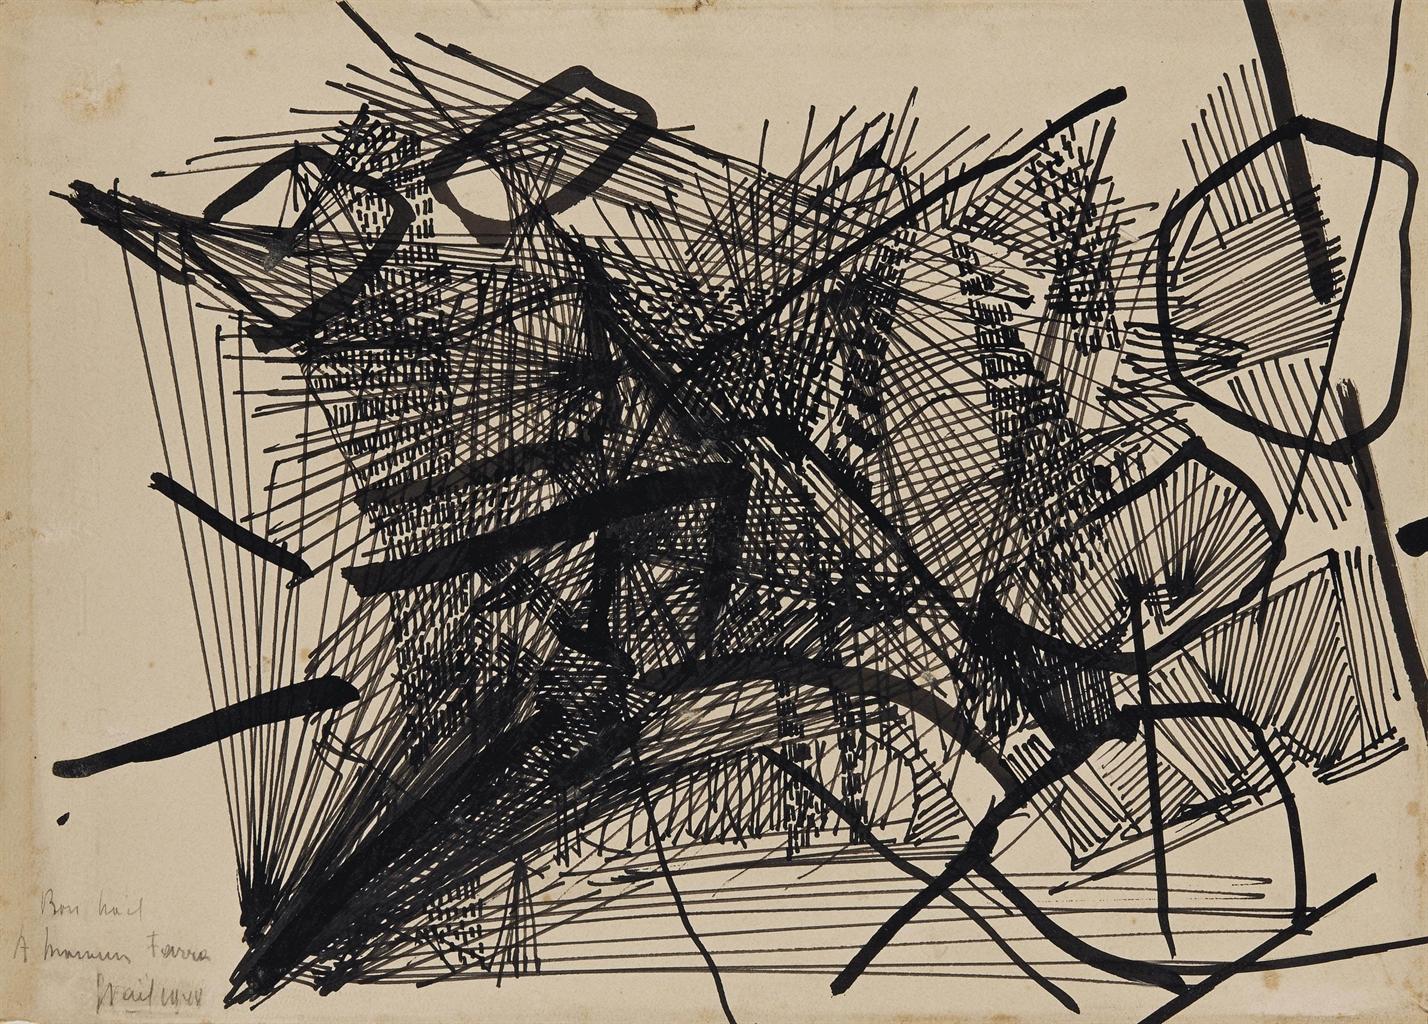 Nicolas de Stael-Composition-1948